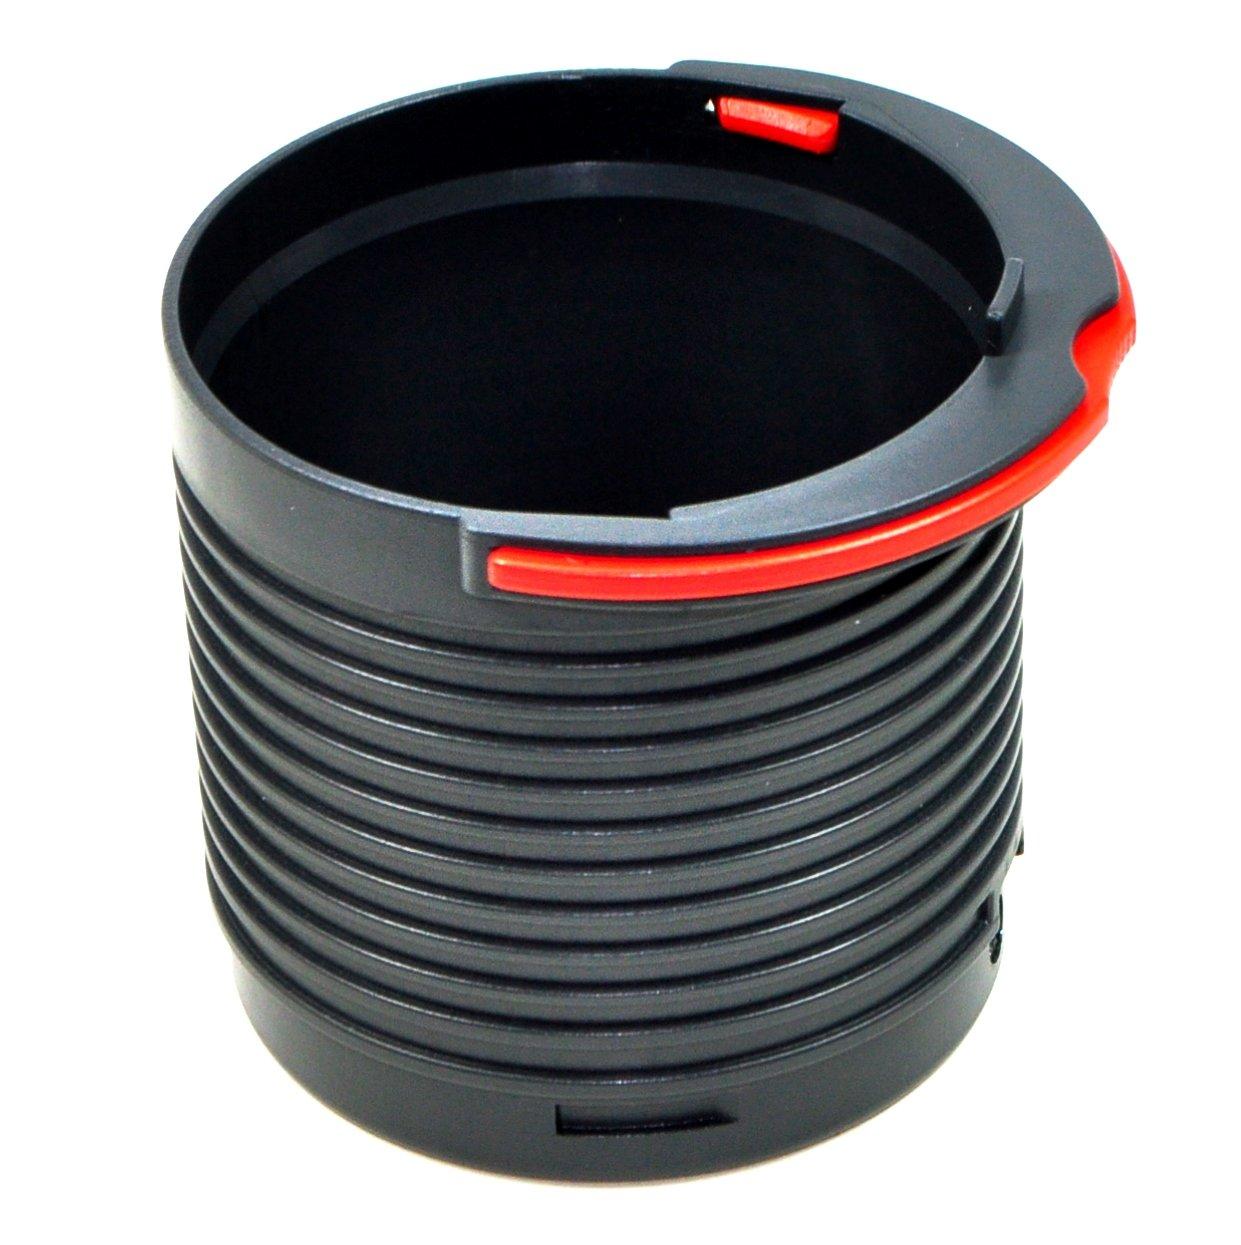 Eheim cuve filtre Biopower 2411 à 2413 Aquariophilie 7444620